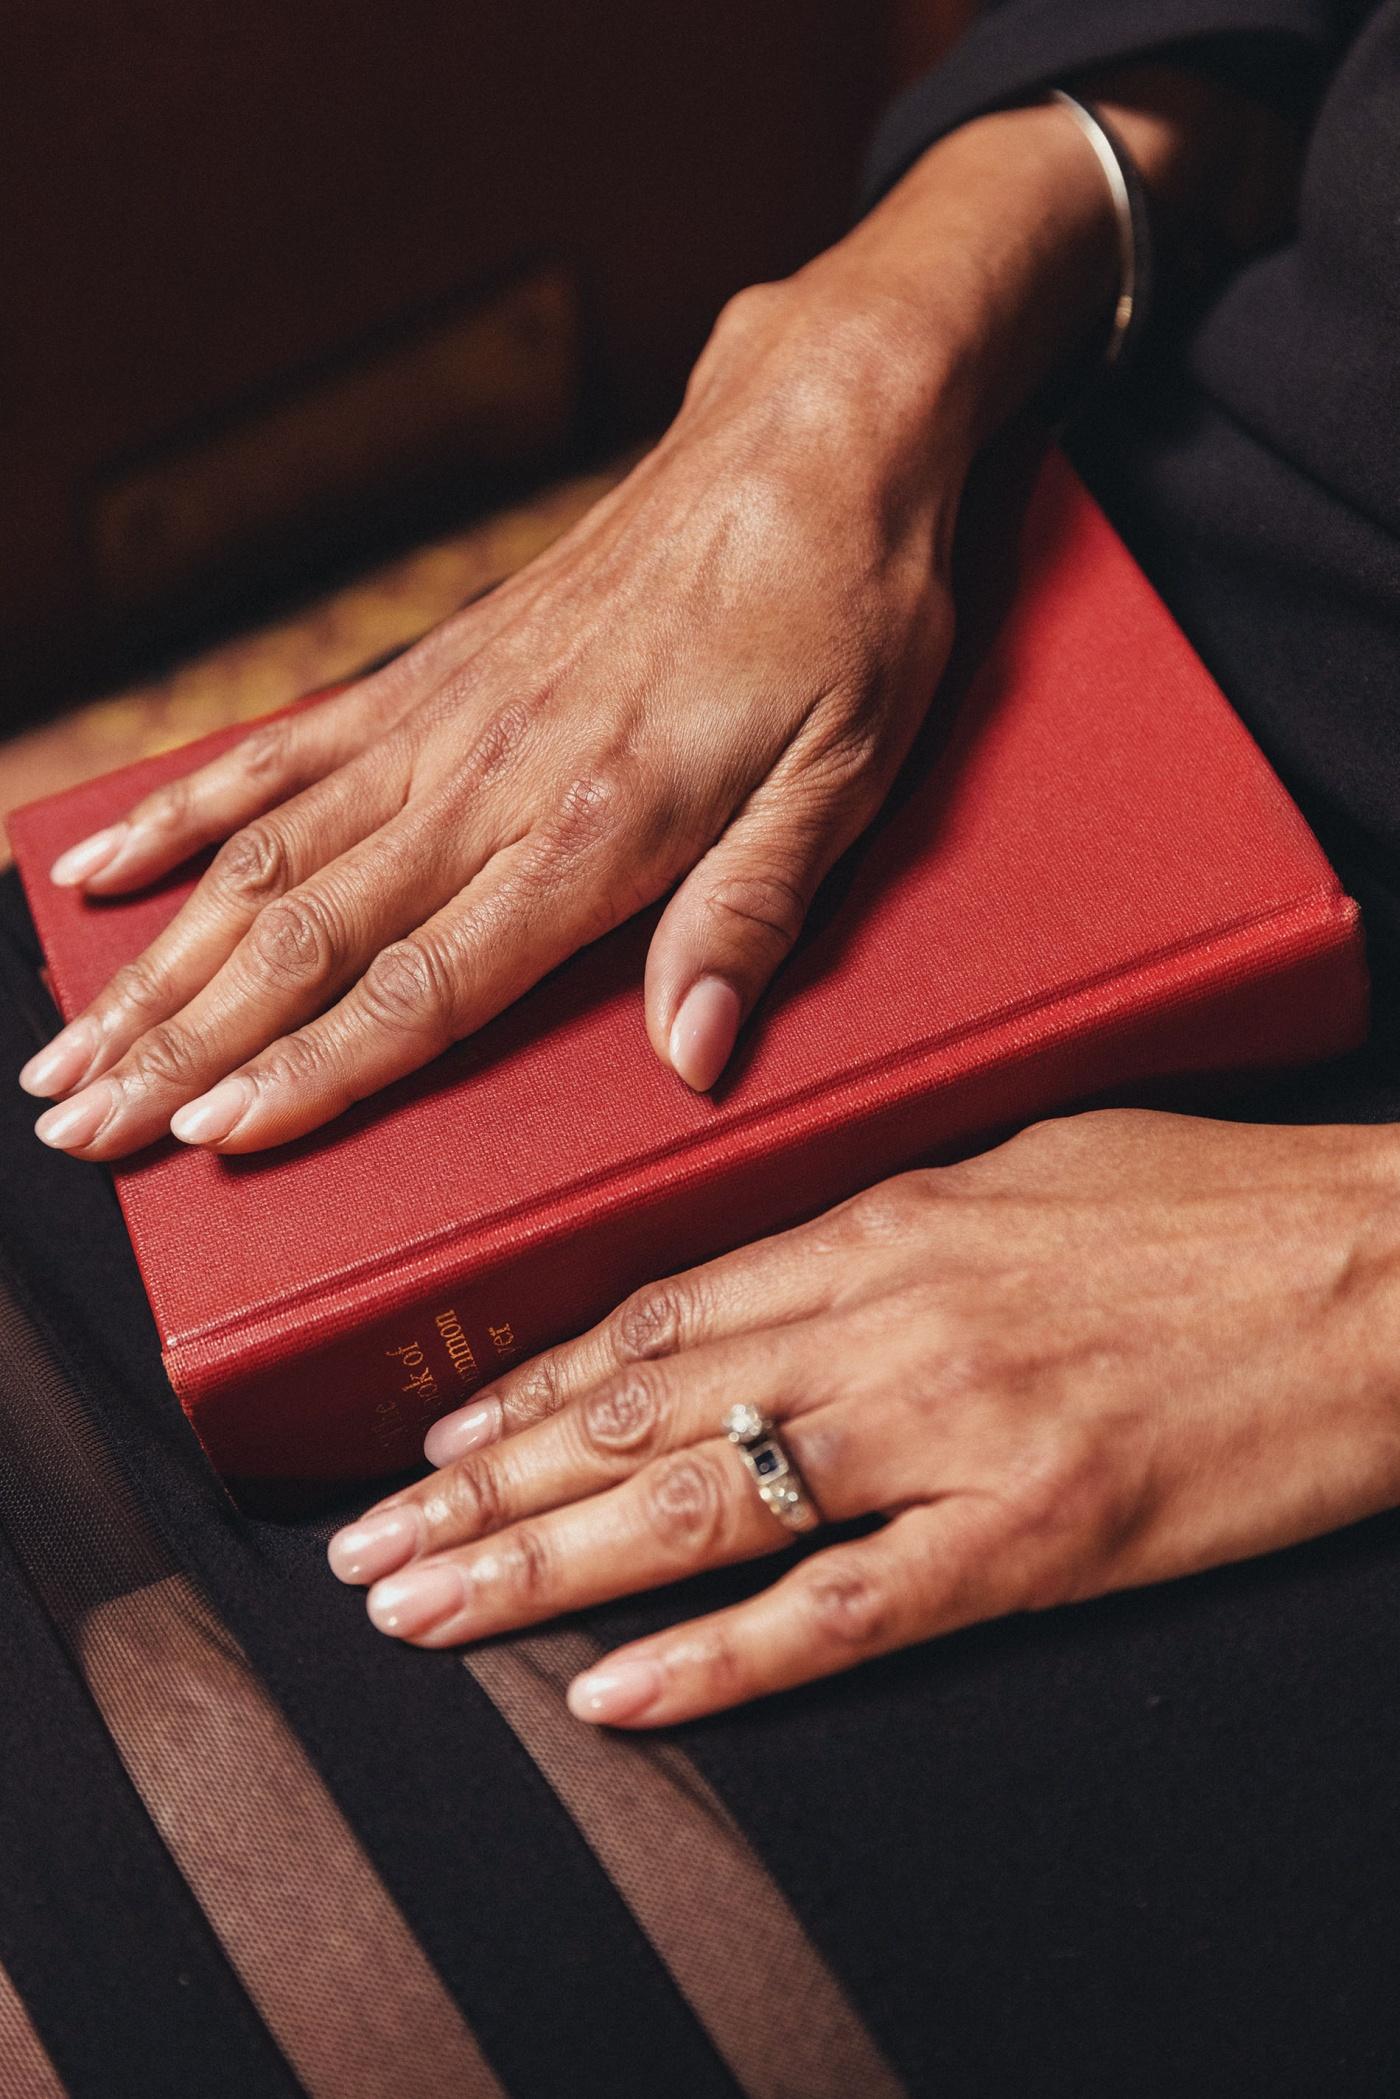 Image of Paula Clark's hands